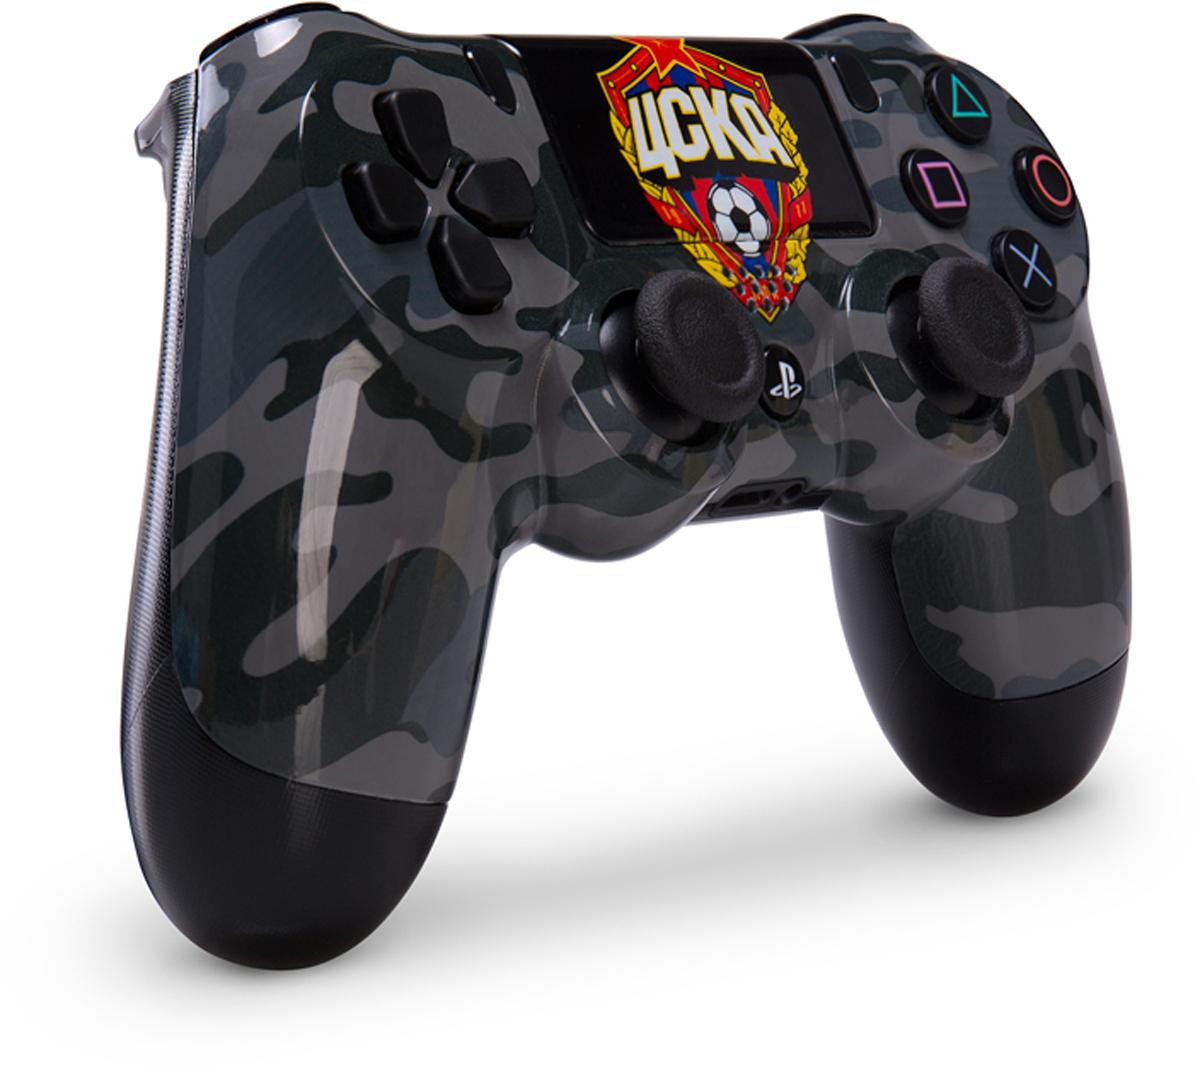 Sony DualShock 4 ЦСКА Black Camo беспроводной контроллер для PS4 аксессуары для игровых приставок sony dualshock 4 black